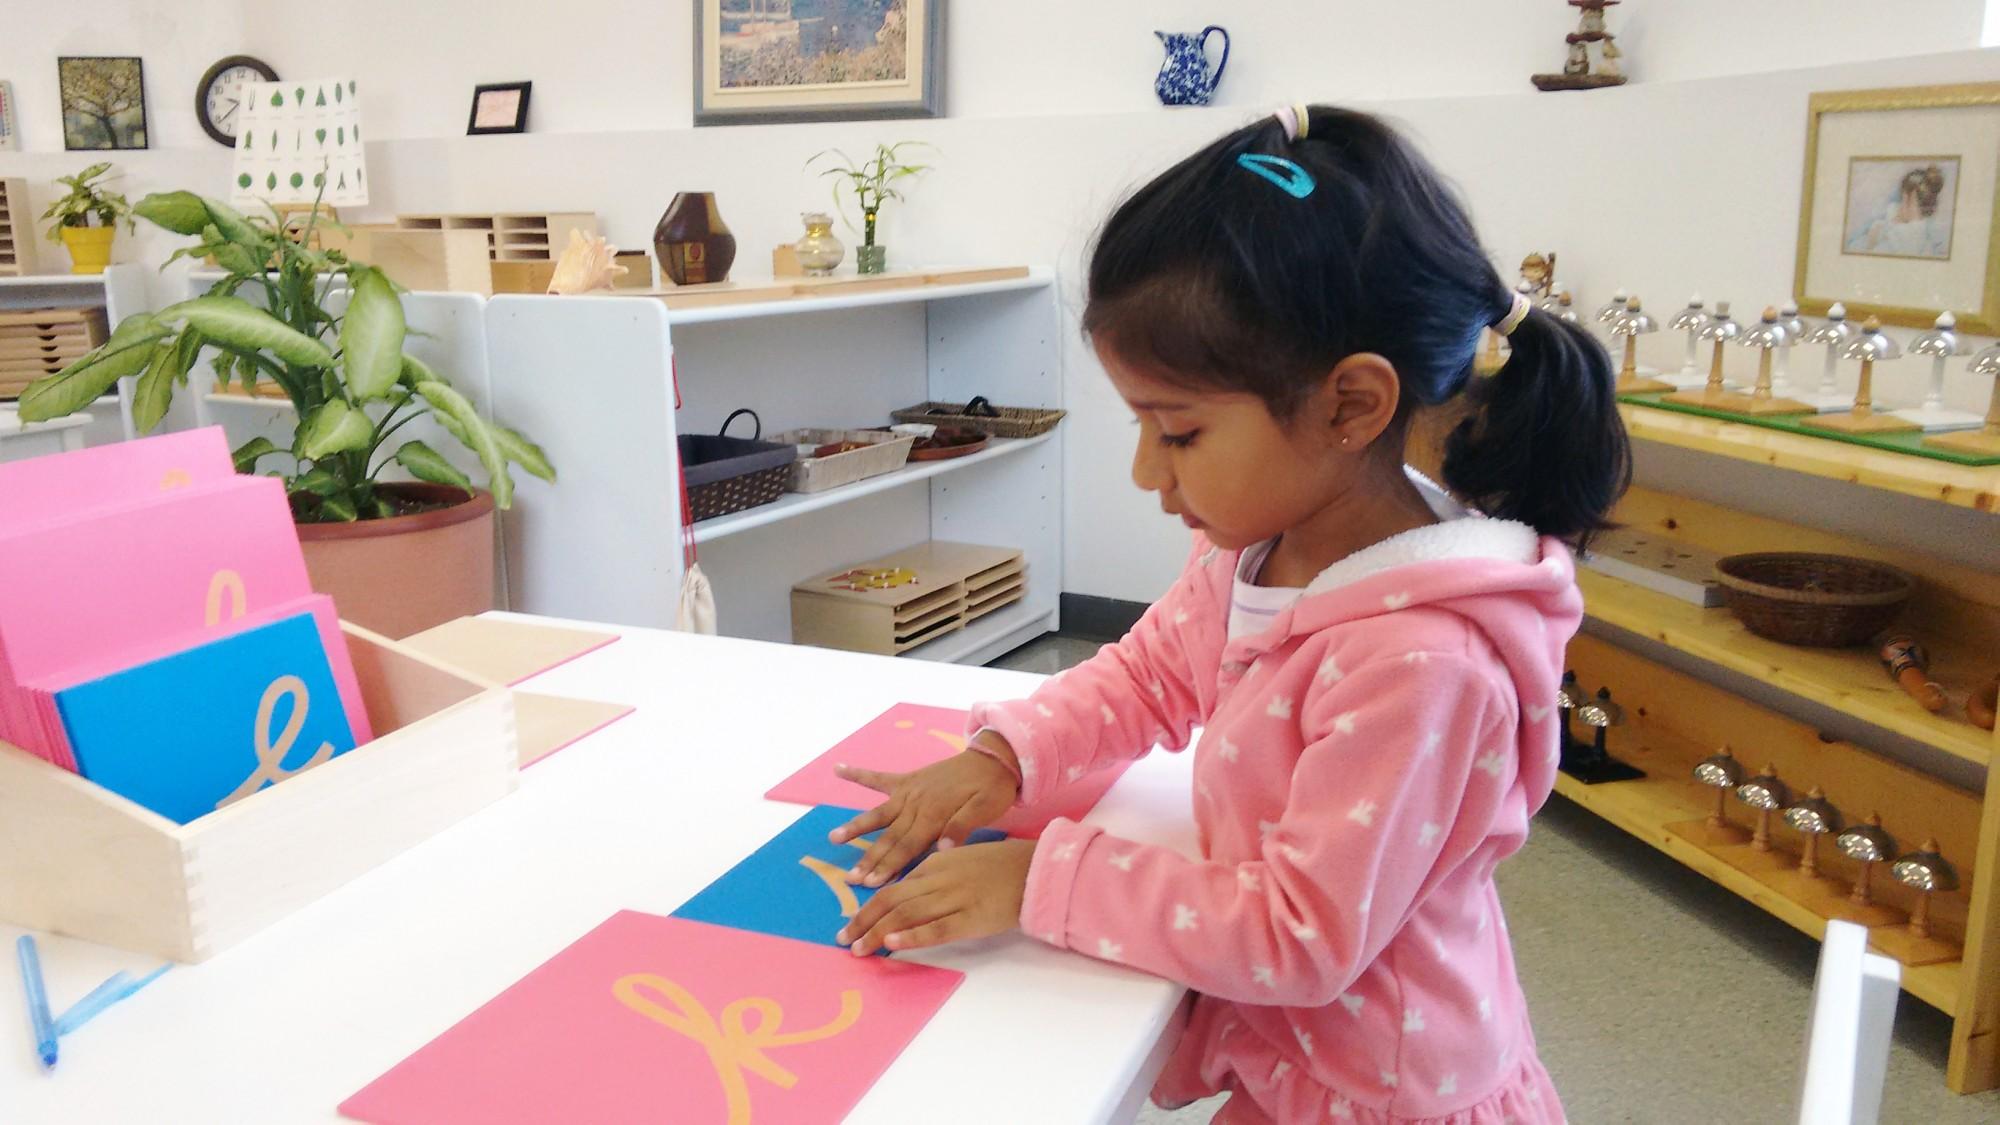 Kriya making letters